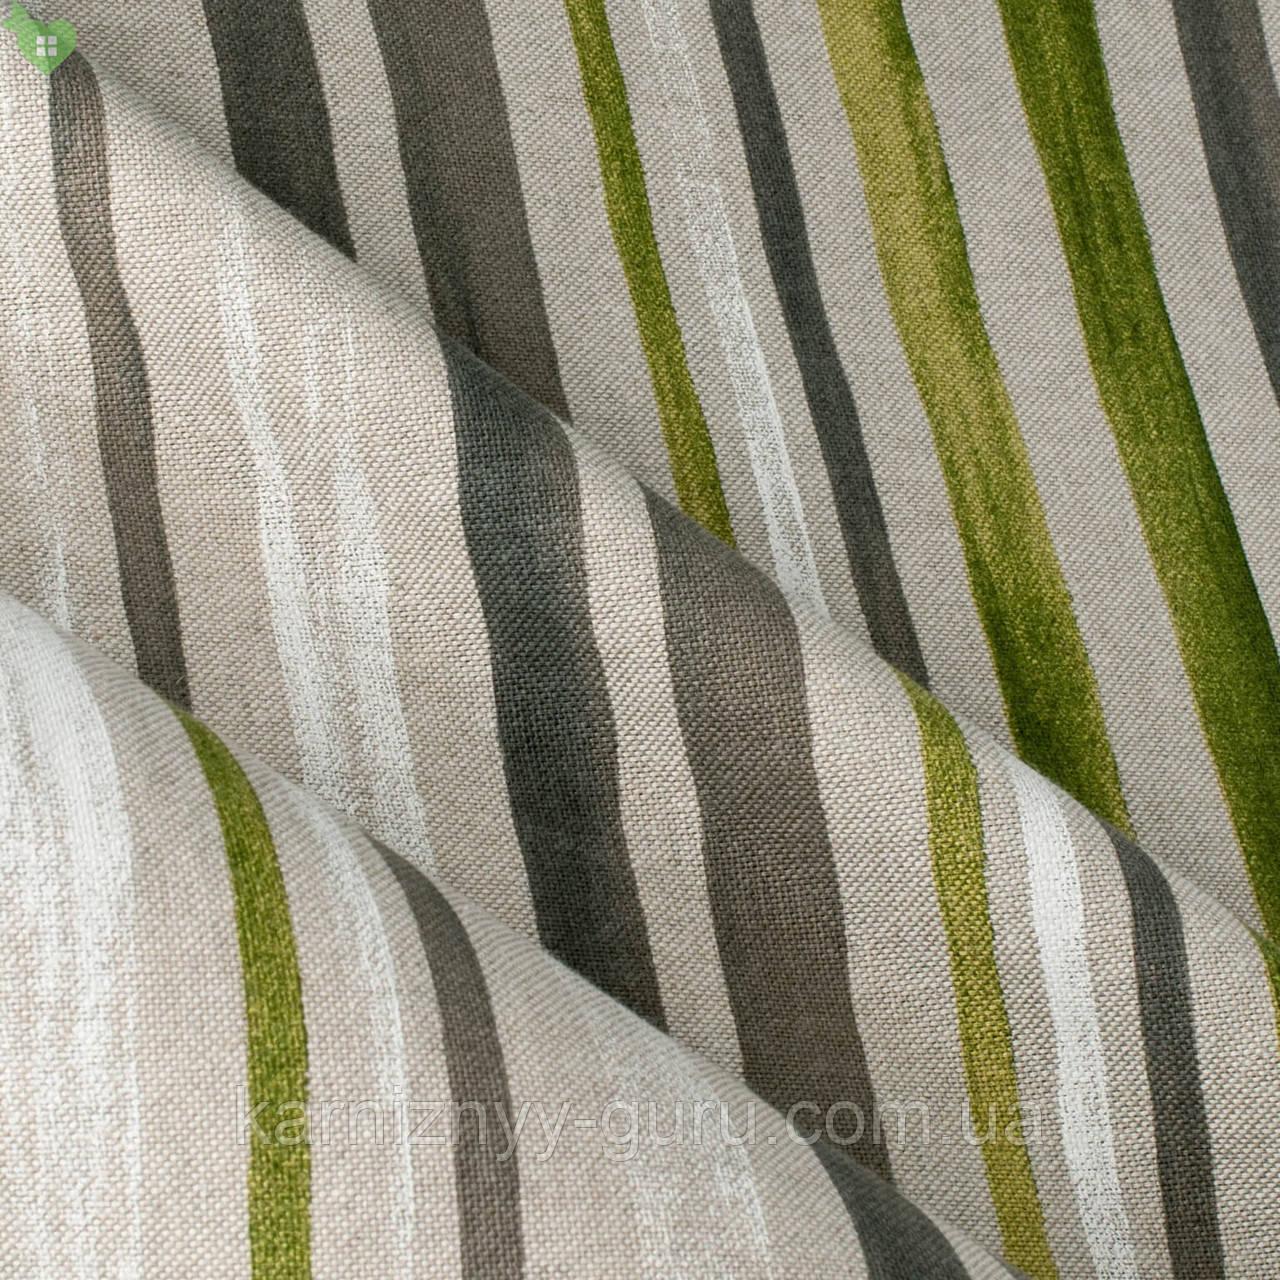 Декоративная ткань в тонкую салатную и пурпурную полоску на светло-сером Испания 82829v3